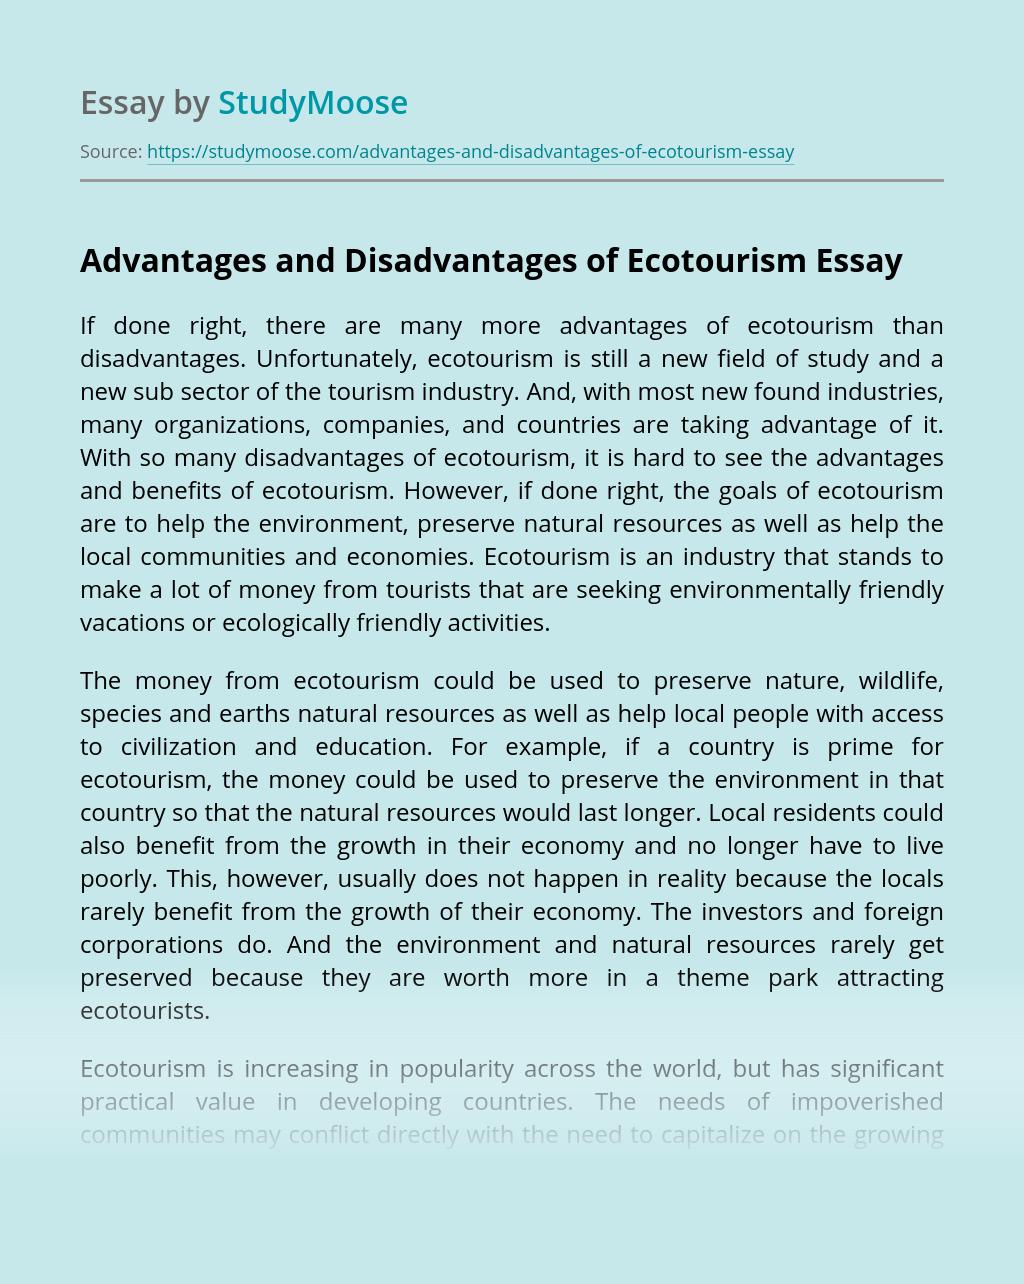 Advantages and Disadvantages of Ecotourism